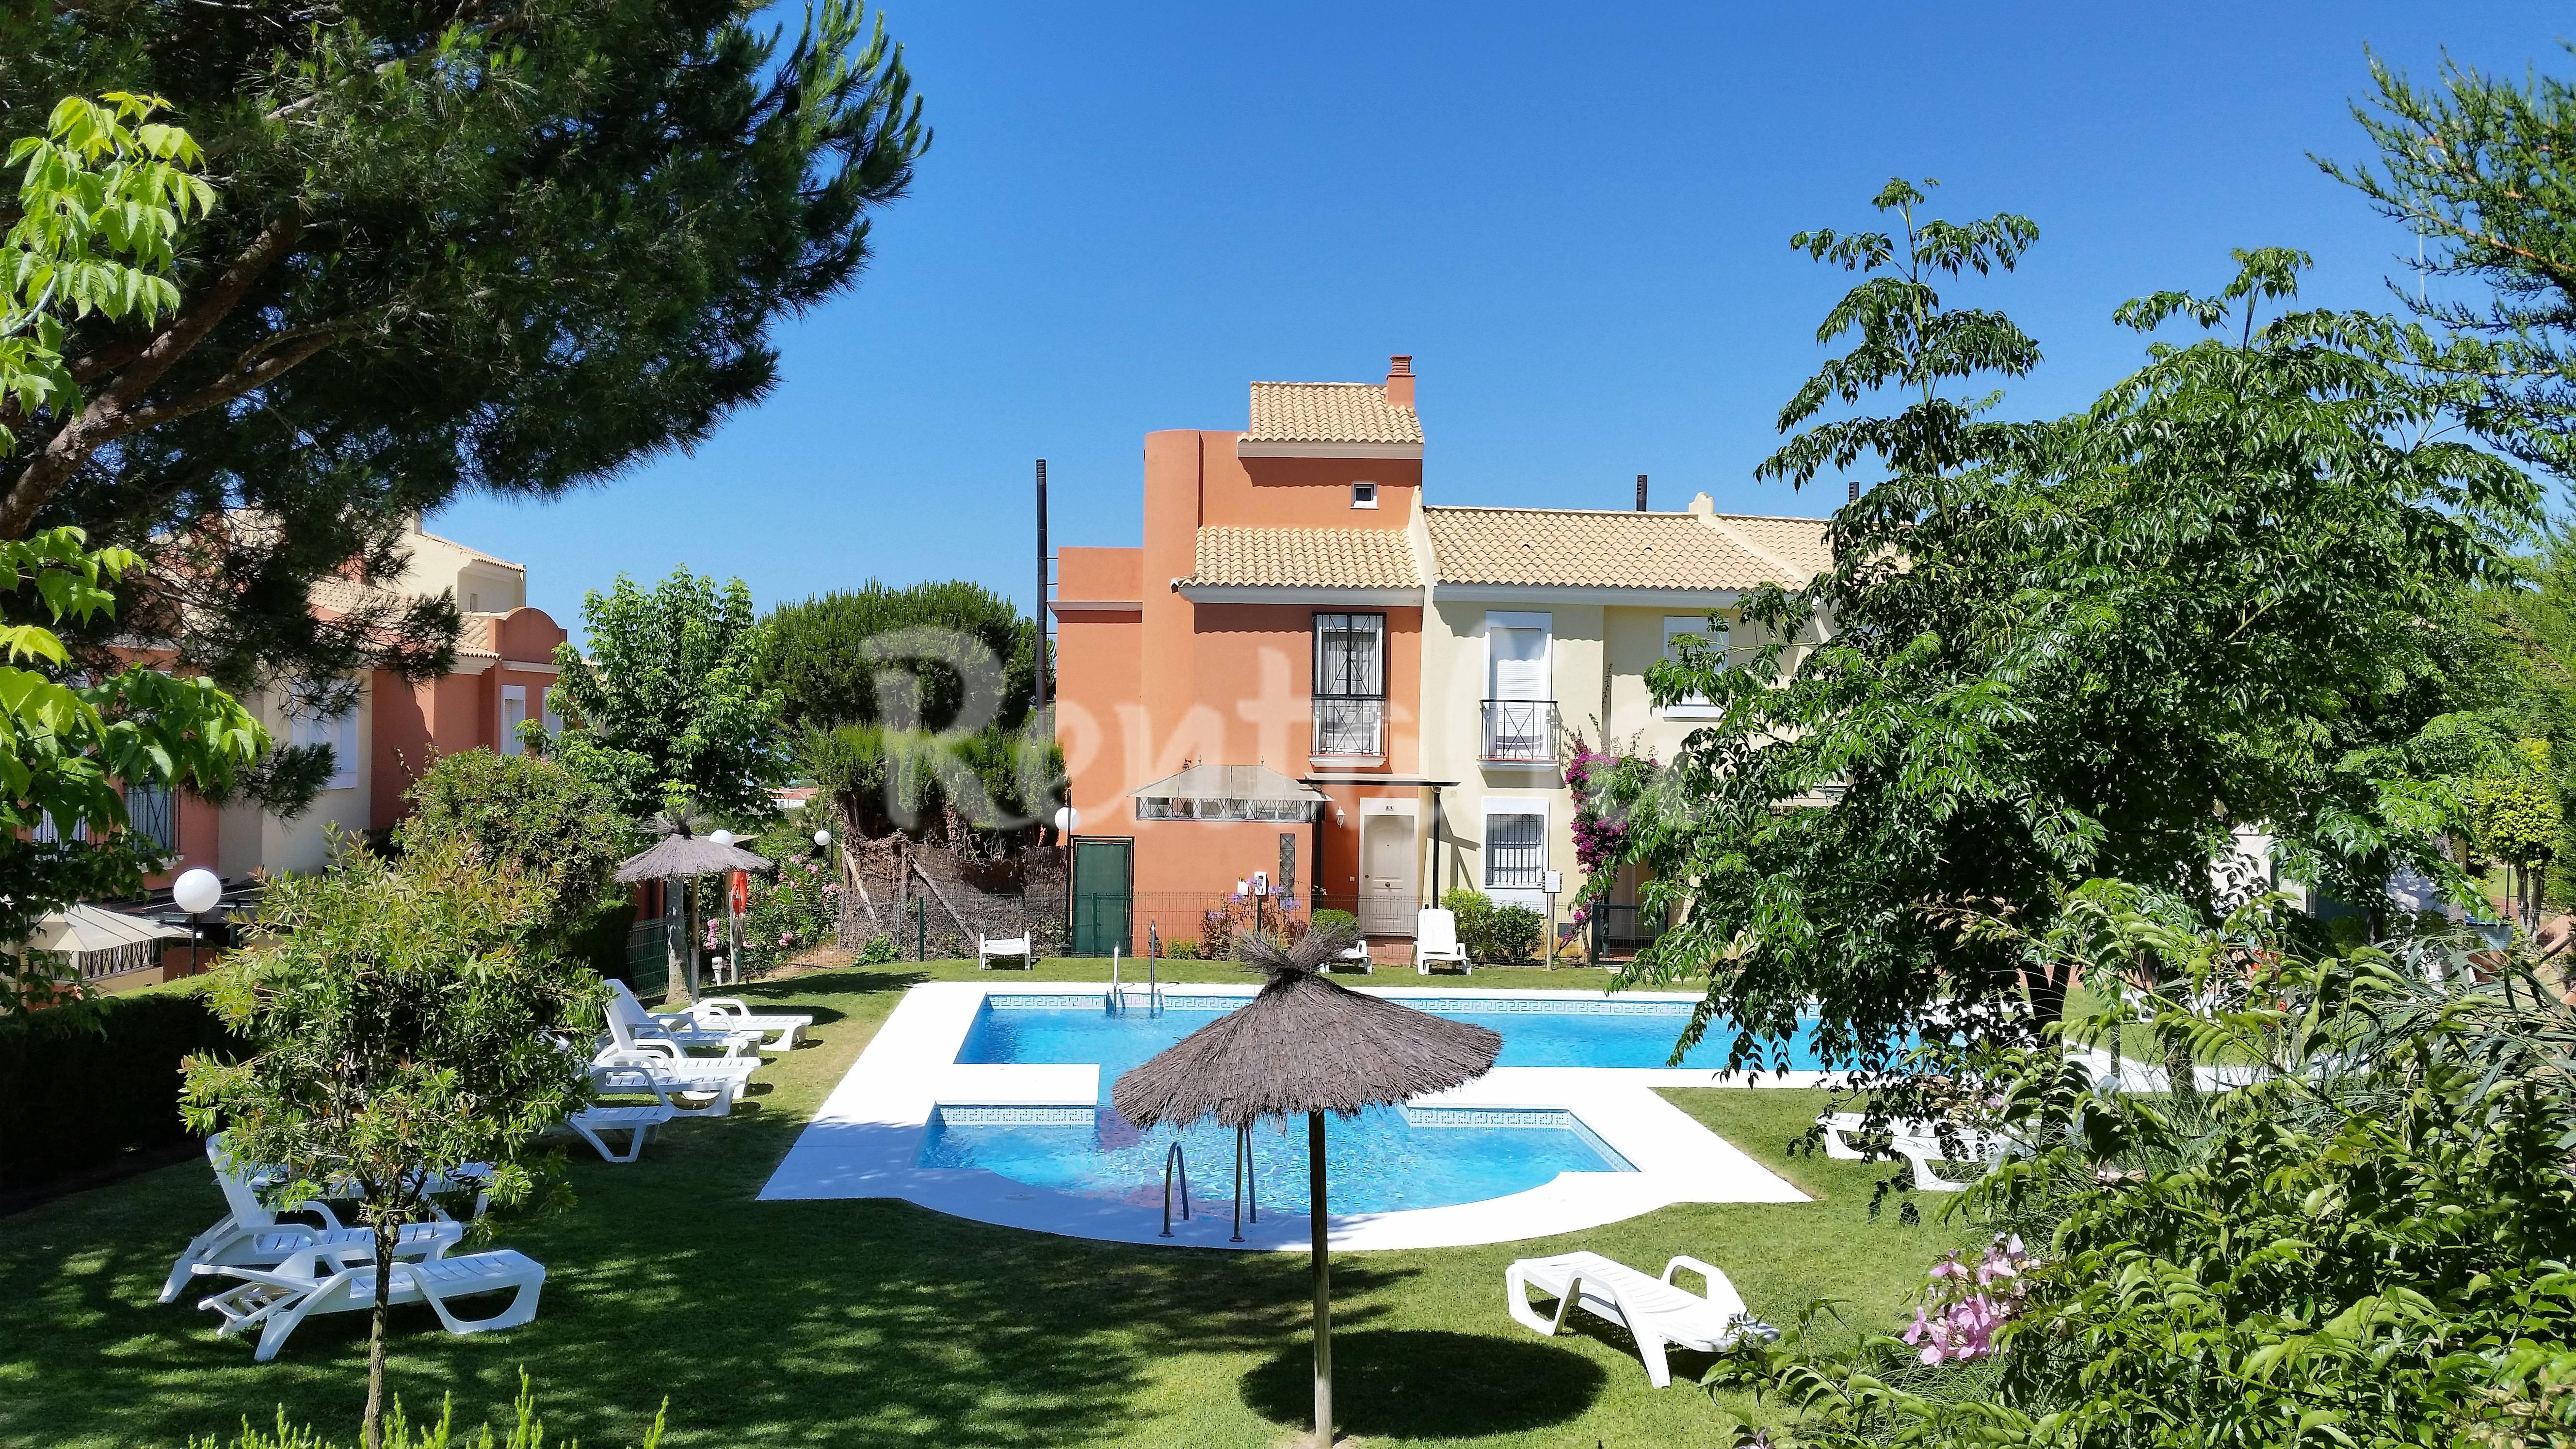 Casa para 6 personas a 300 m de la playa islantilla i - Rentalia islantilla ...